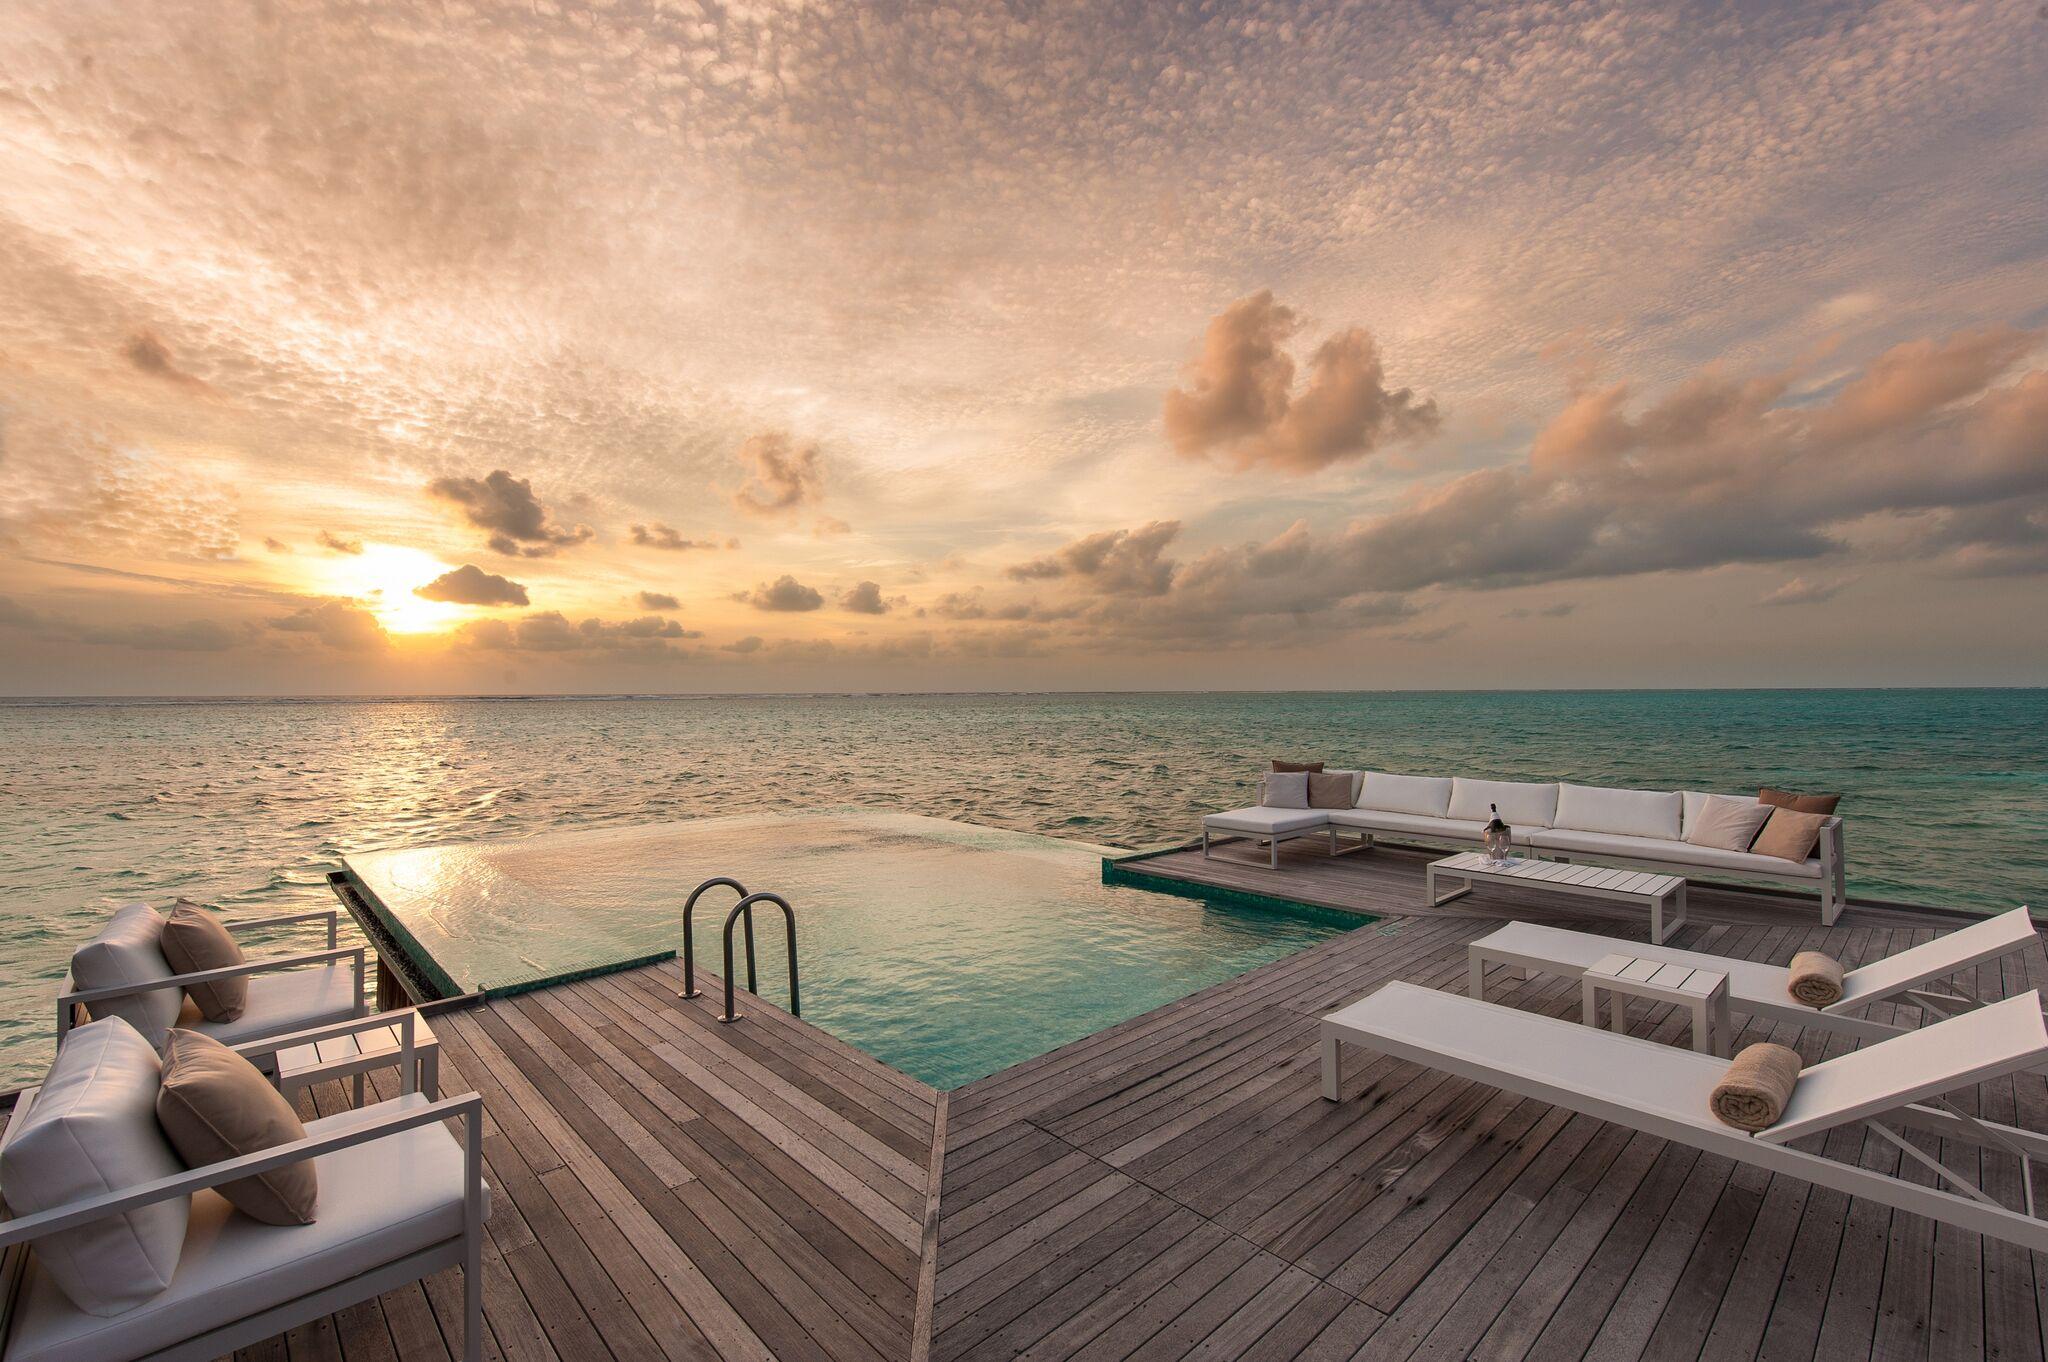 CMRI_Sunset Water Villa Deck sunrise_preview.jpeg